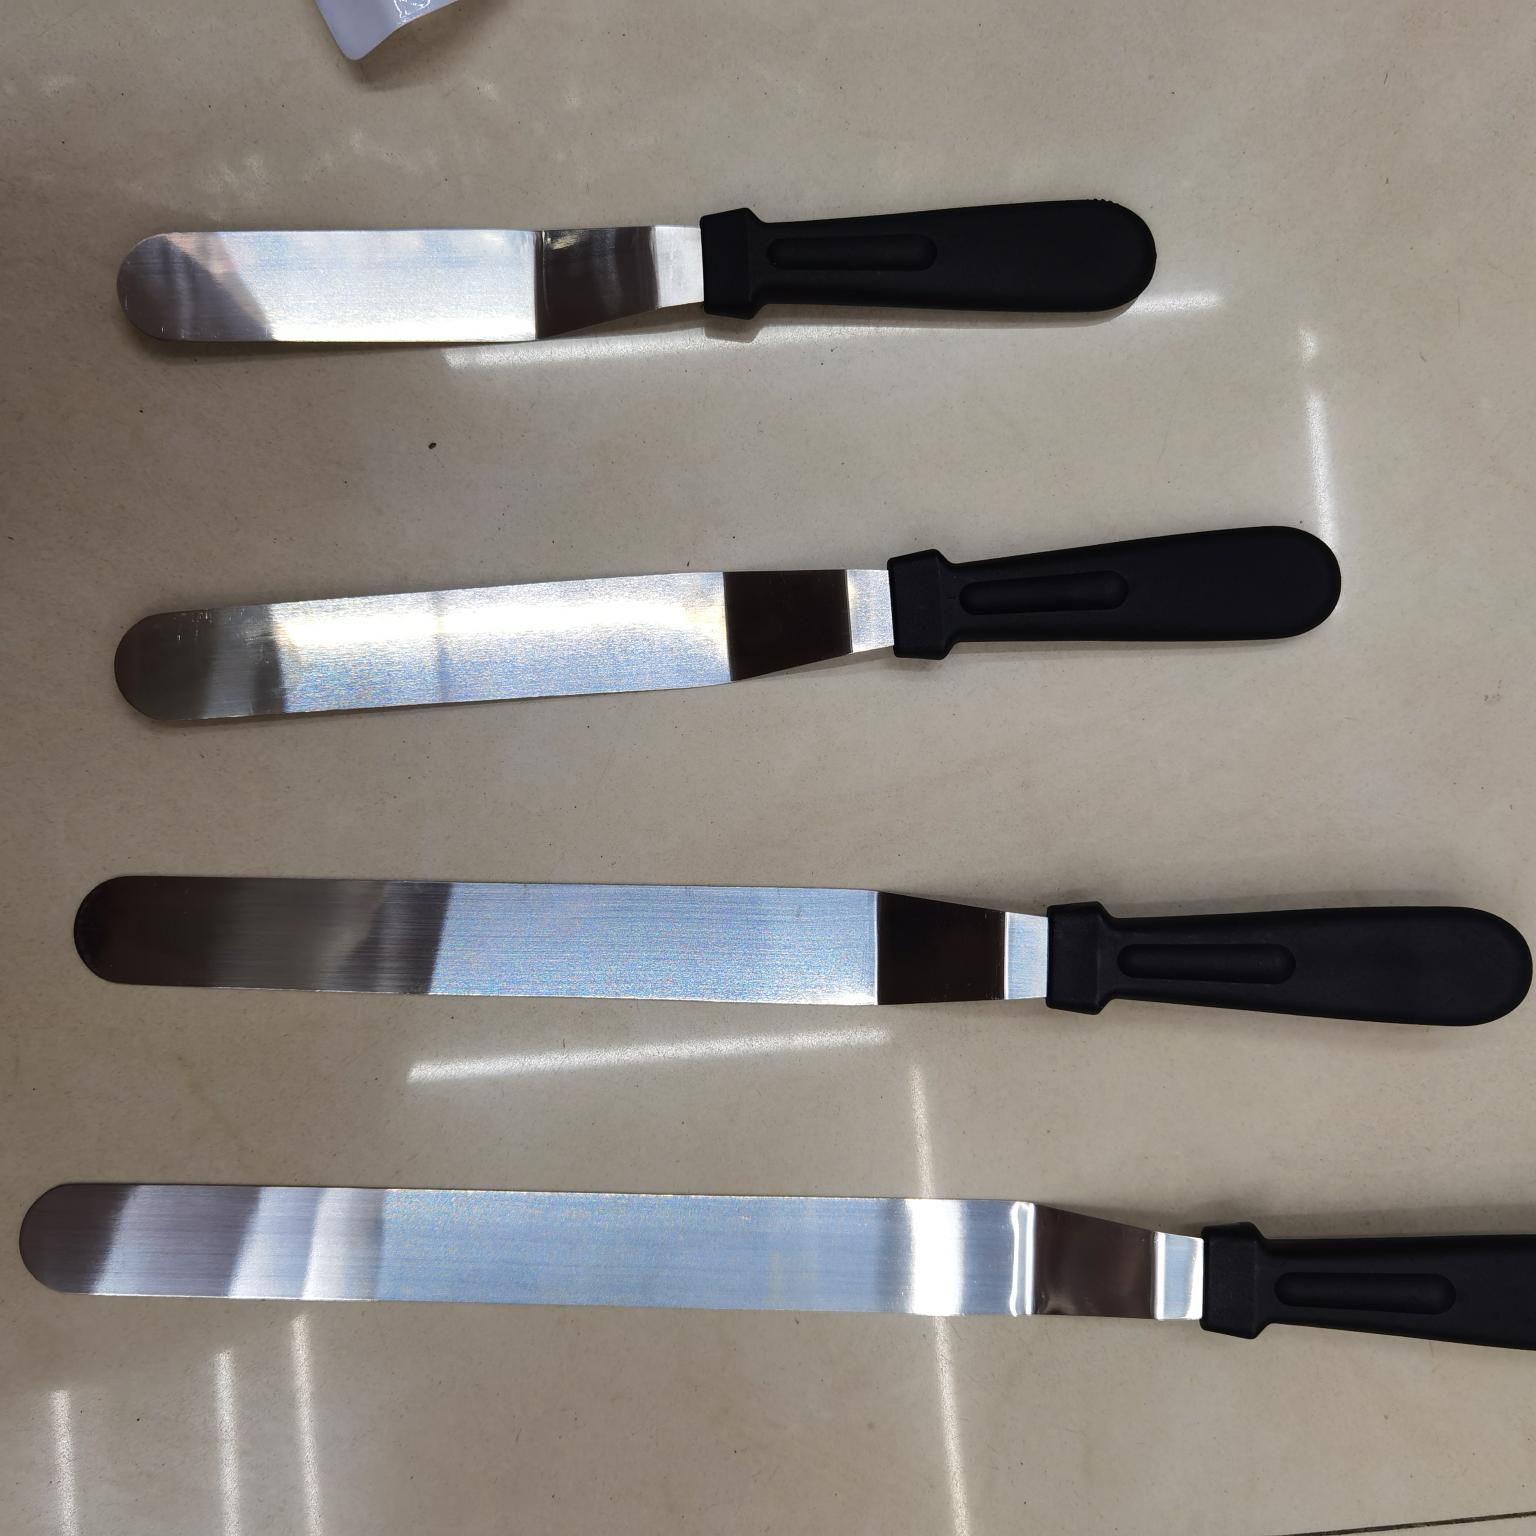 烘焙工具黑色柄不锈钢刮刀抹刀